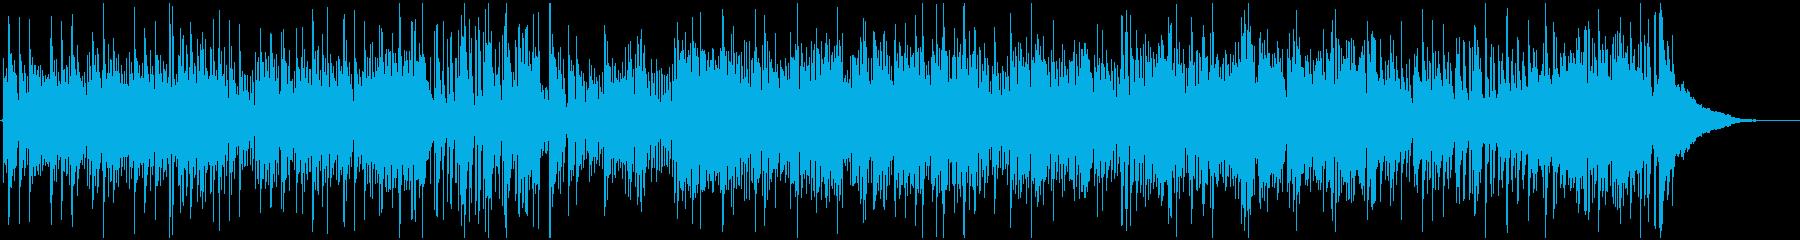 遊び心ある明るいジャズトリオの再生済みの波形